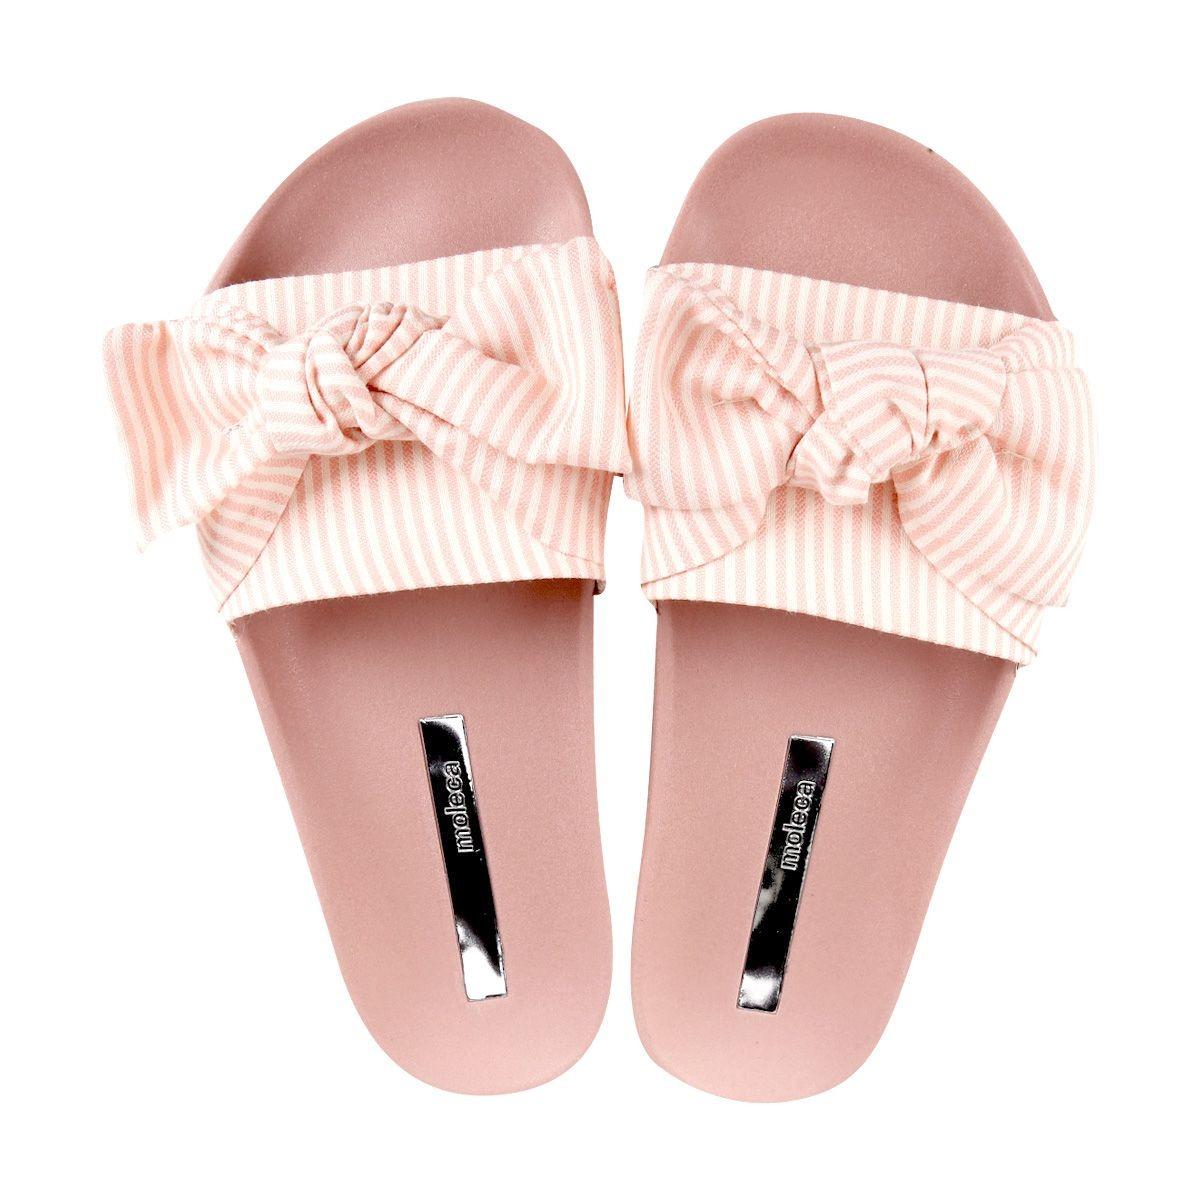 136eb49ac6 chinelo slider feminino moleca de laço listrado rosa. Carregando zoom... chinelo  feminino moleca. Carregando zoom.